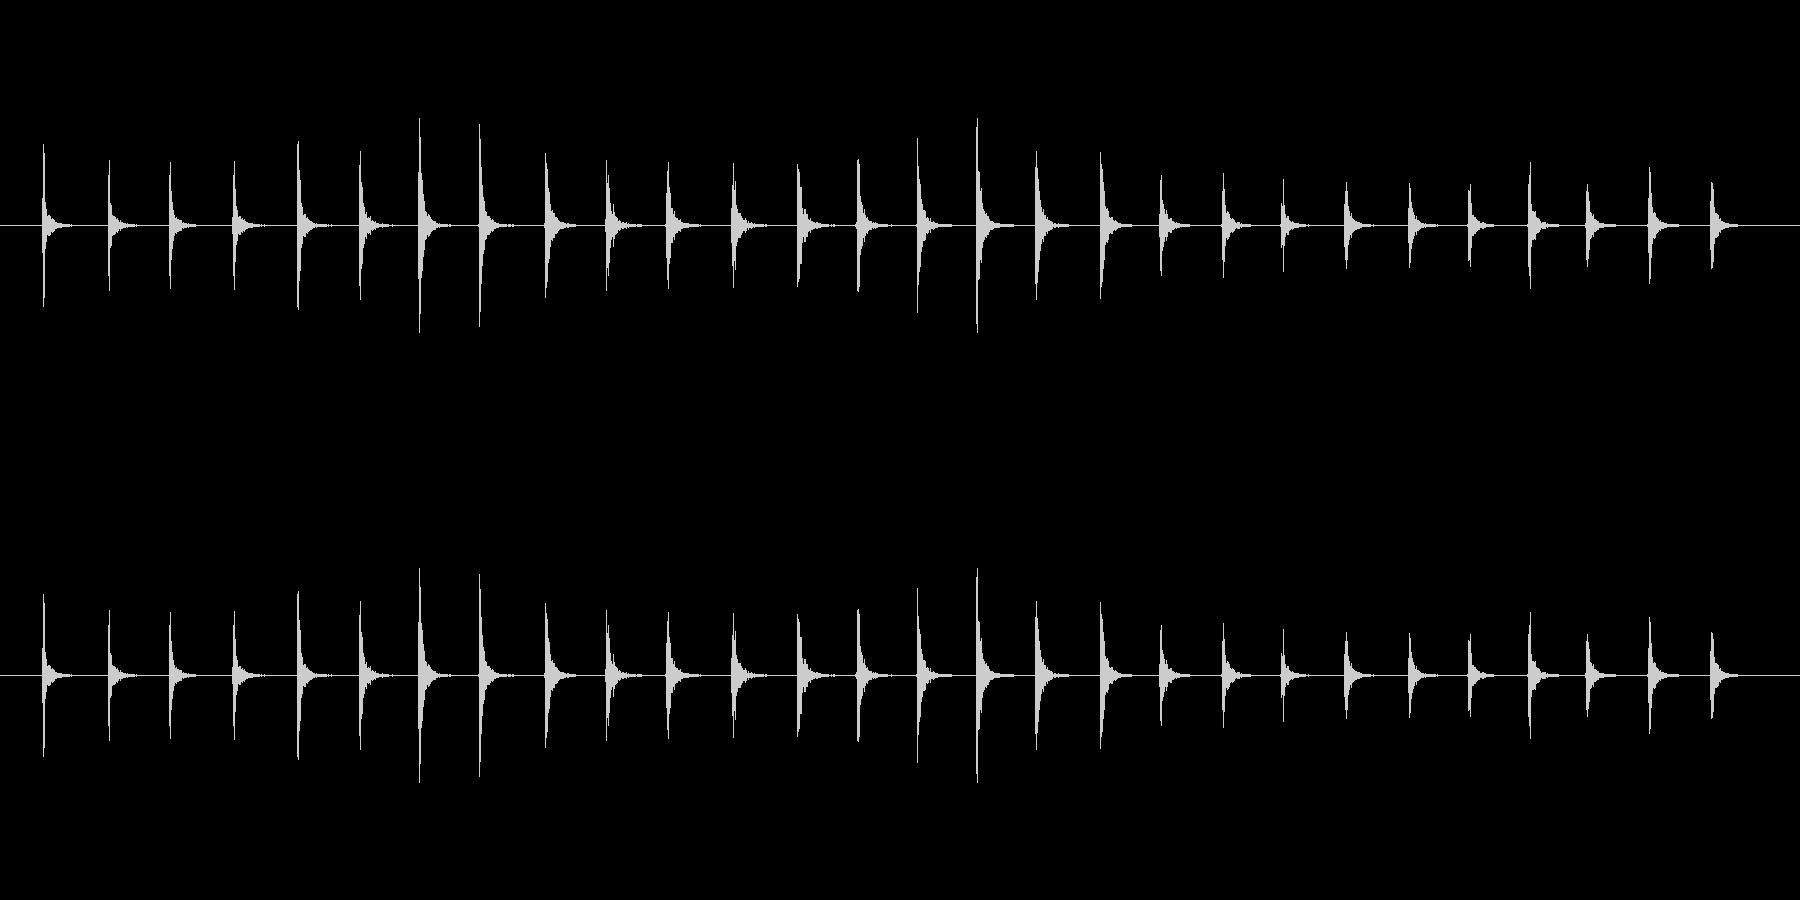 【生音】トントントン!というまな板の音…の未再生の波形